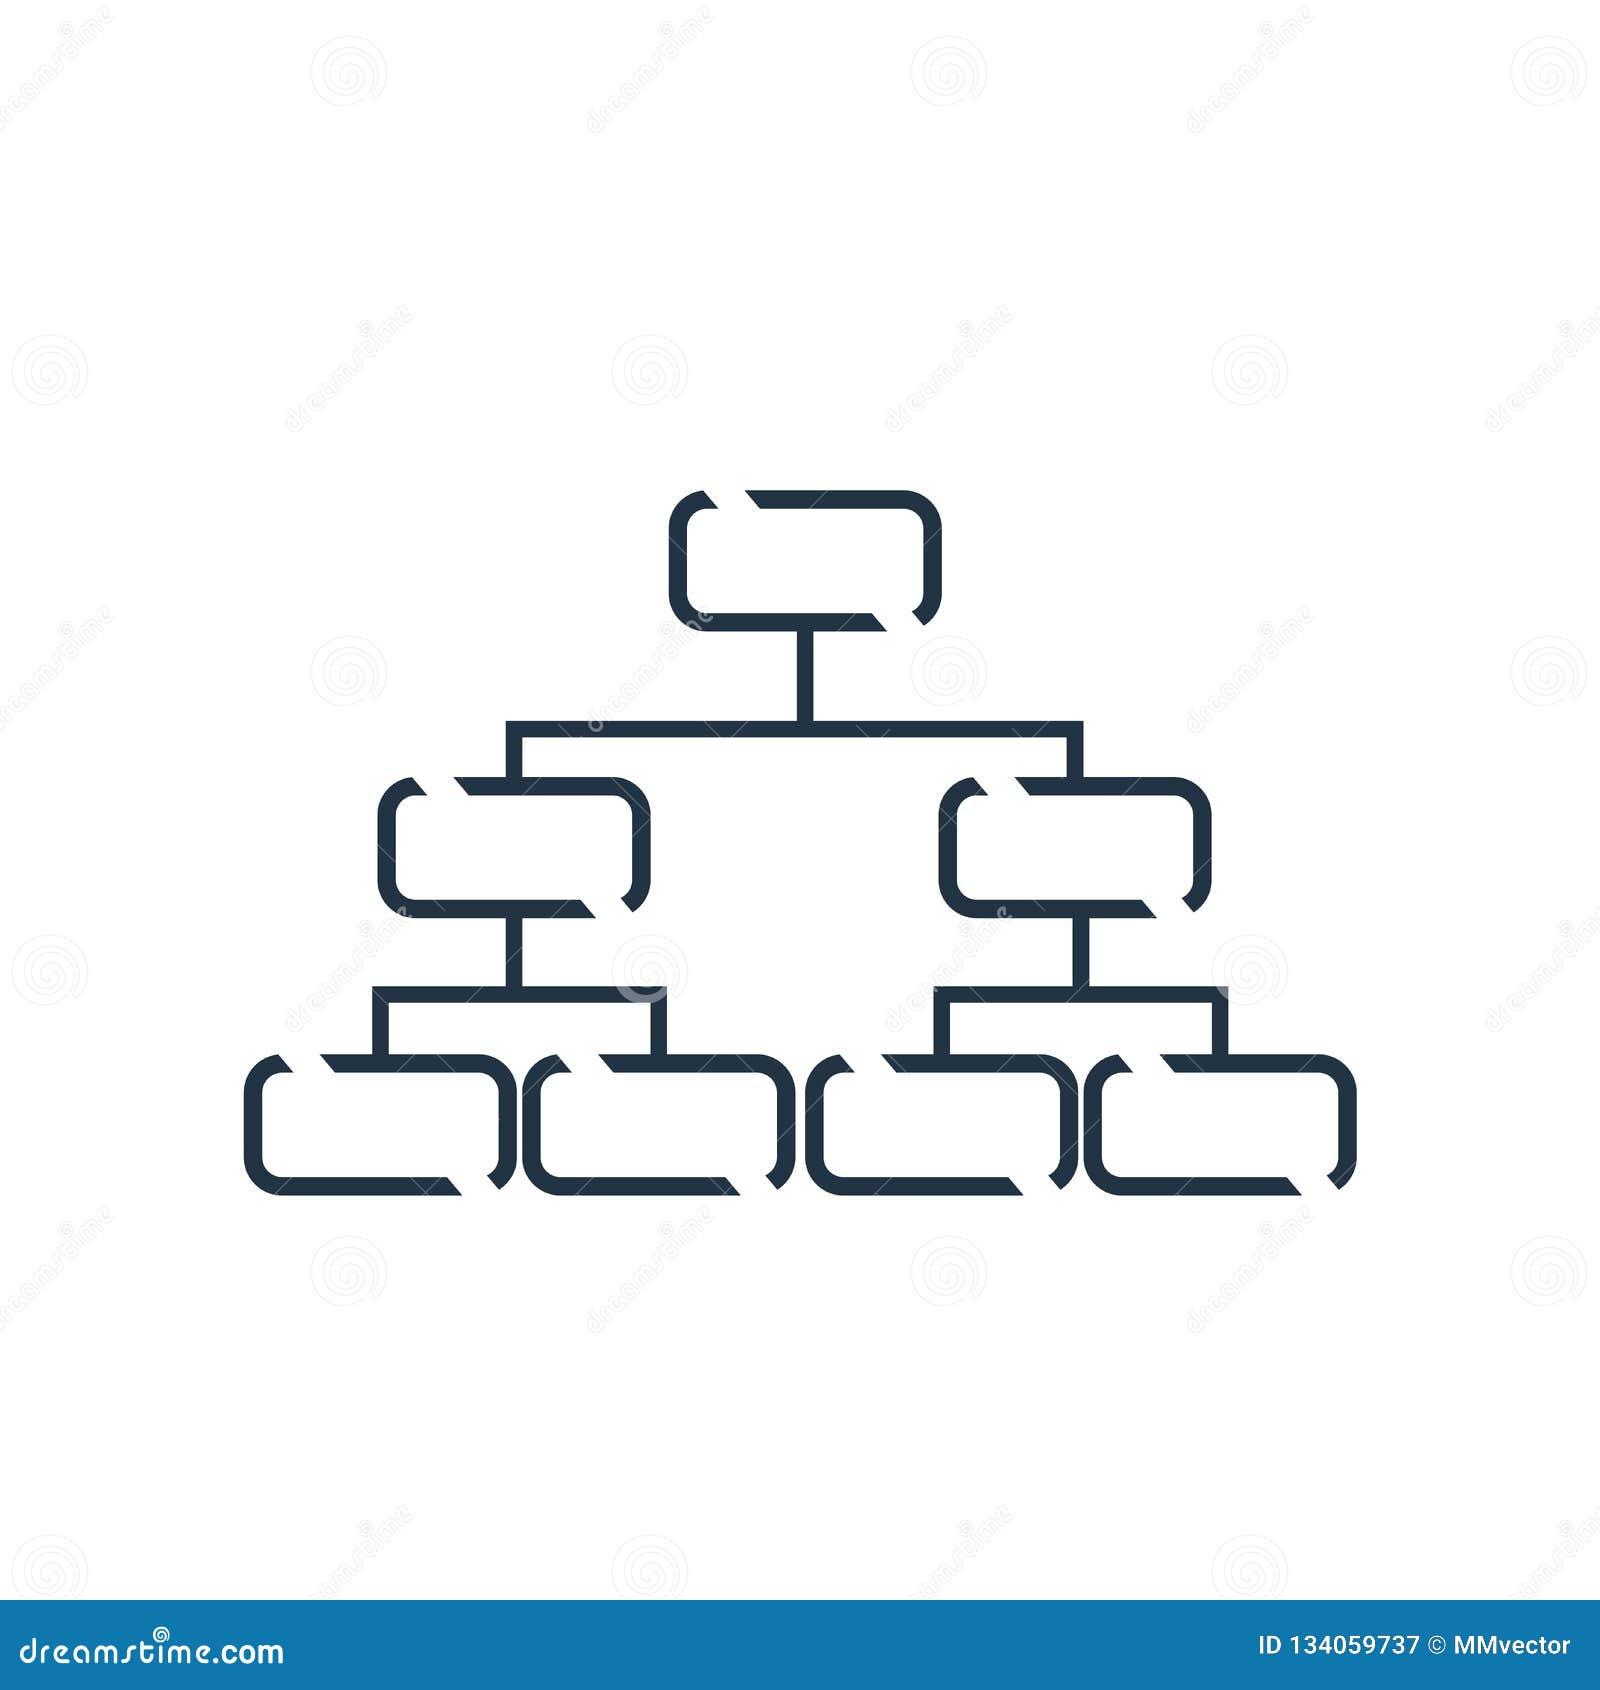 Vetor do ícone da estrutura hierárquica isolado no fundo branco, sinal da estrutura hierárquica